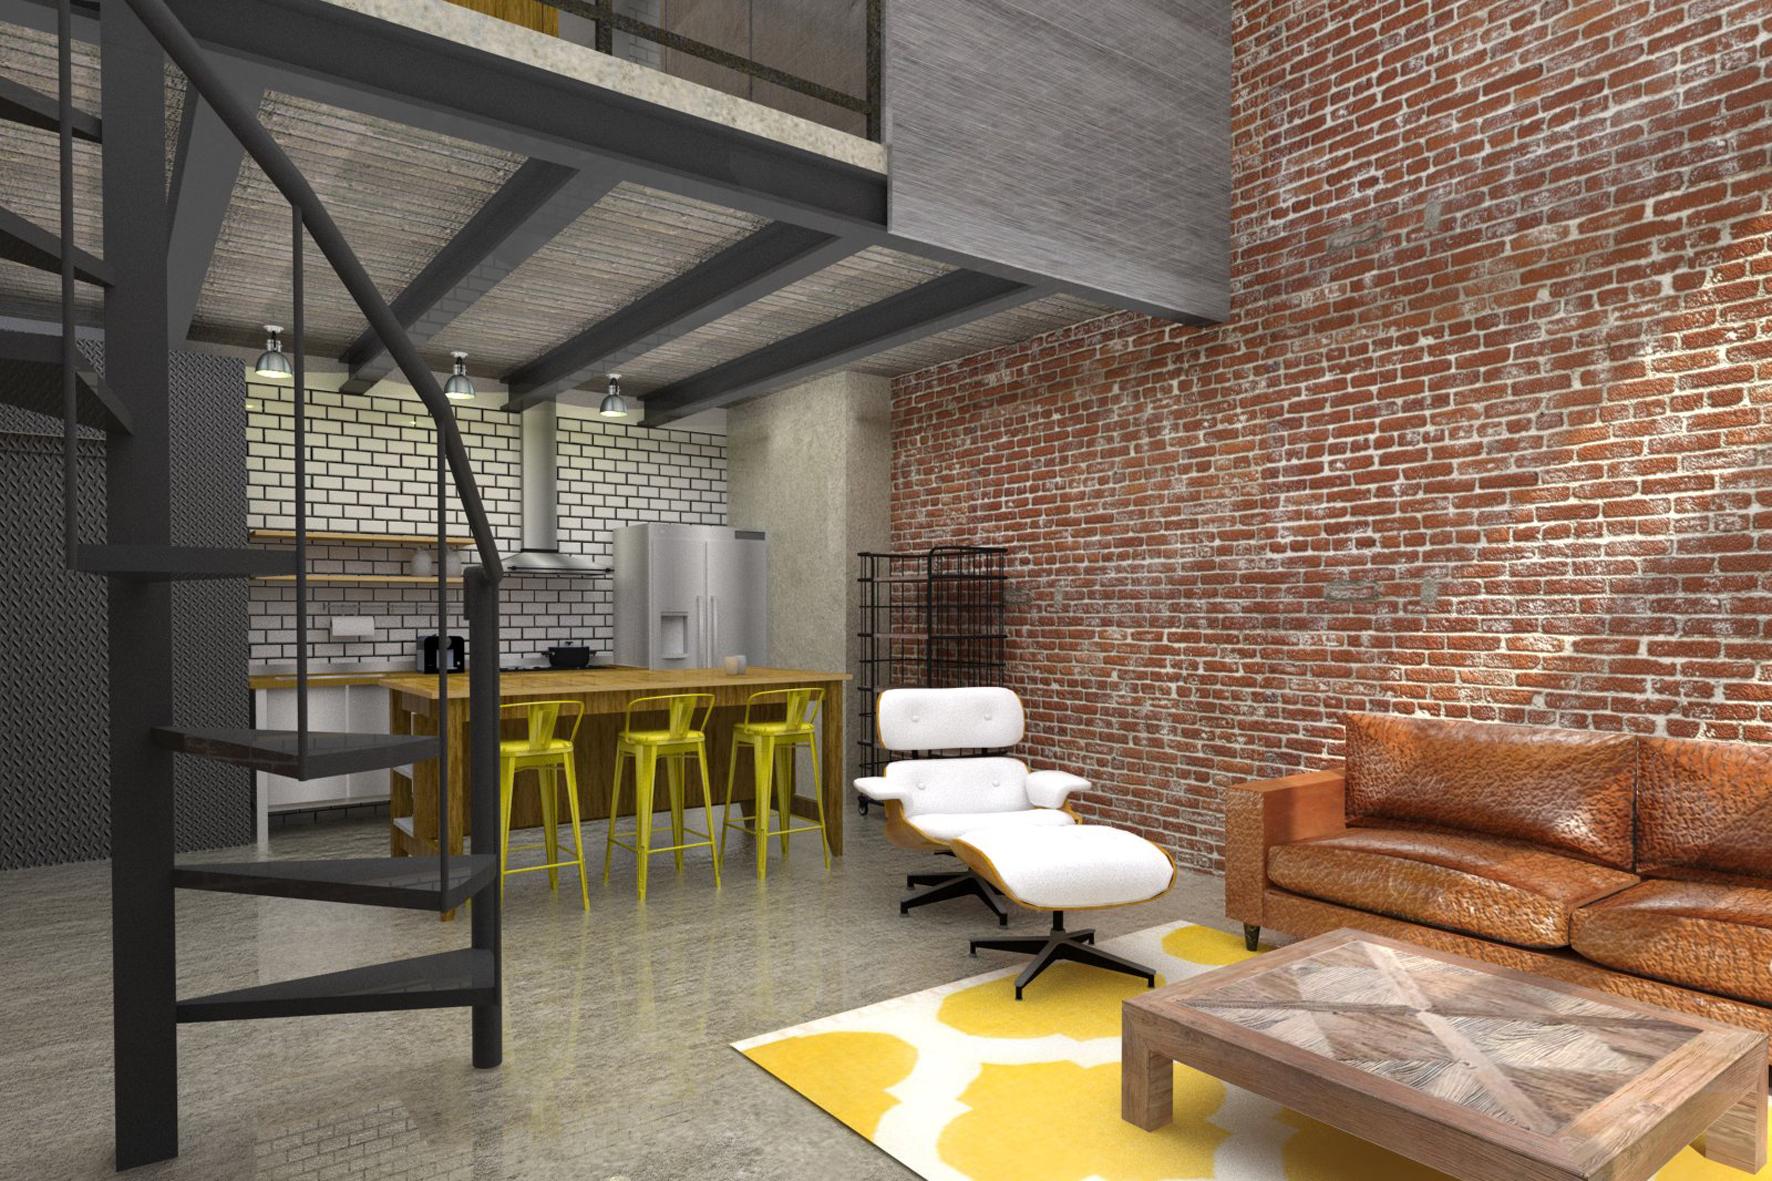 loft en montepr cipe studiobmk arquitectura e interioresstudio bmk